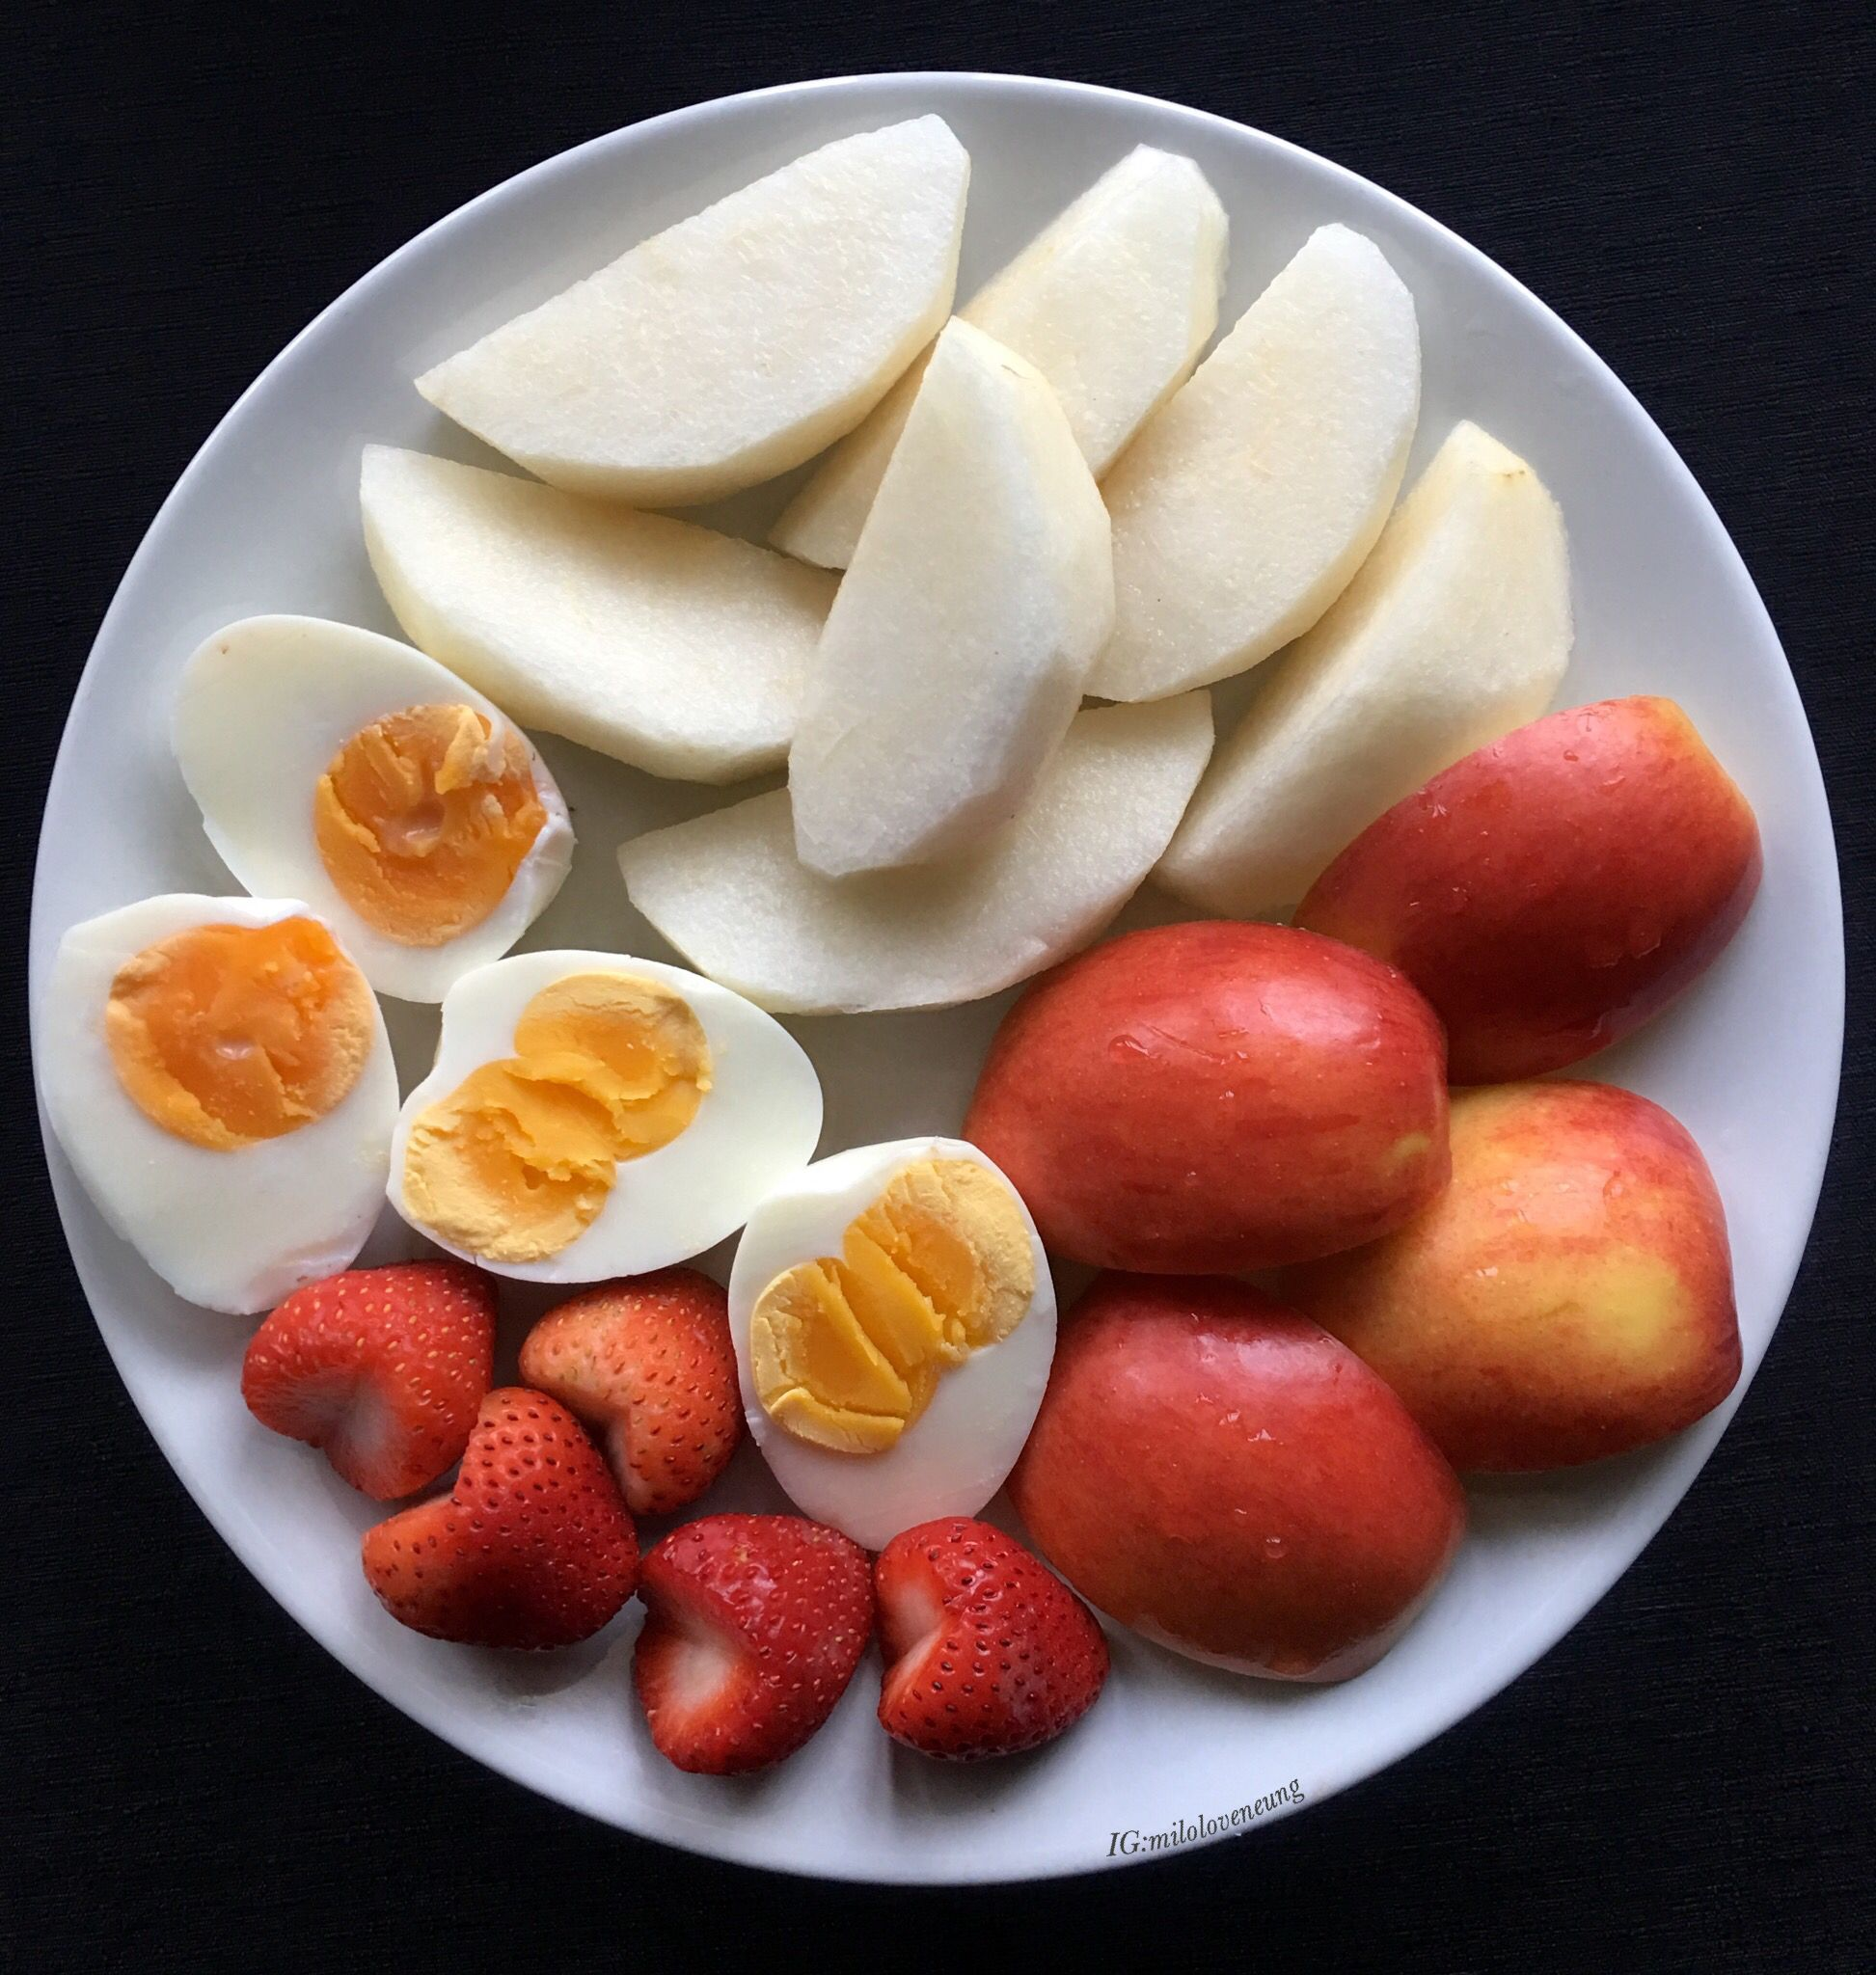 """มื้อเช้าค่ะทุกคน""""ไข่ต้มกับผลไม้""""คือทางออกเวลารีบๆของพี่ค่ะ #อาหารคลีน#อาหาร#อาหารไทย#ทำง่าย#อาหารคลีนเพื่อสุขภาพ #อาหารเพื่อสุขภาพ#อาหารลดน้ำหนัก #อาหารควบคุมน้ำหนัก#คลีน#อาหารง่ายๆ#อร่อย#อาหารคลีนของพิมพ์รภัช#พิมพ์รภัชกินวนไปค่ะ#70162#easycooking#cleanfood#healtyfood#thaicleanfood#cleaneating#foodshare#homemade#delicious#yummy"""